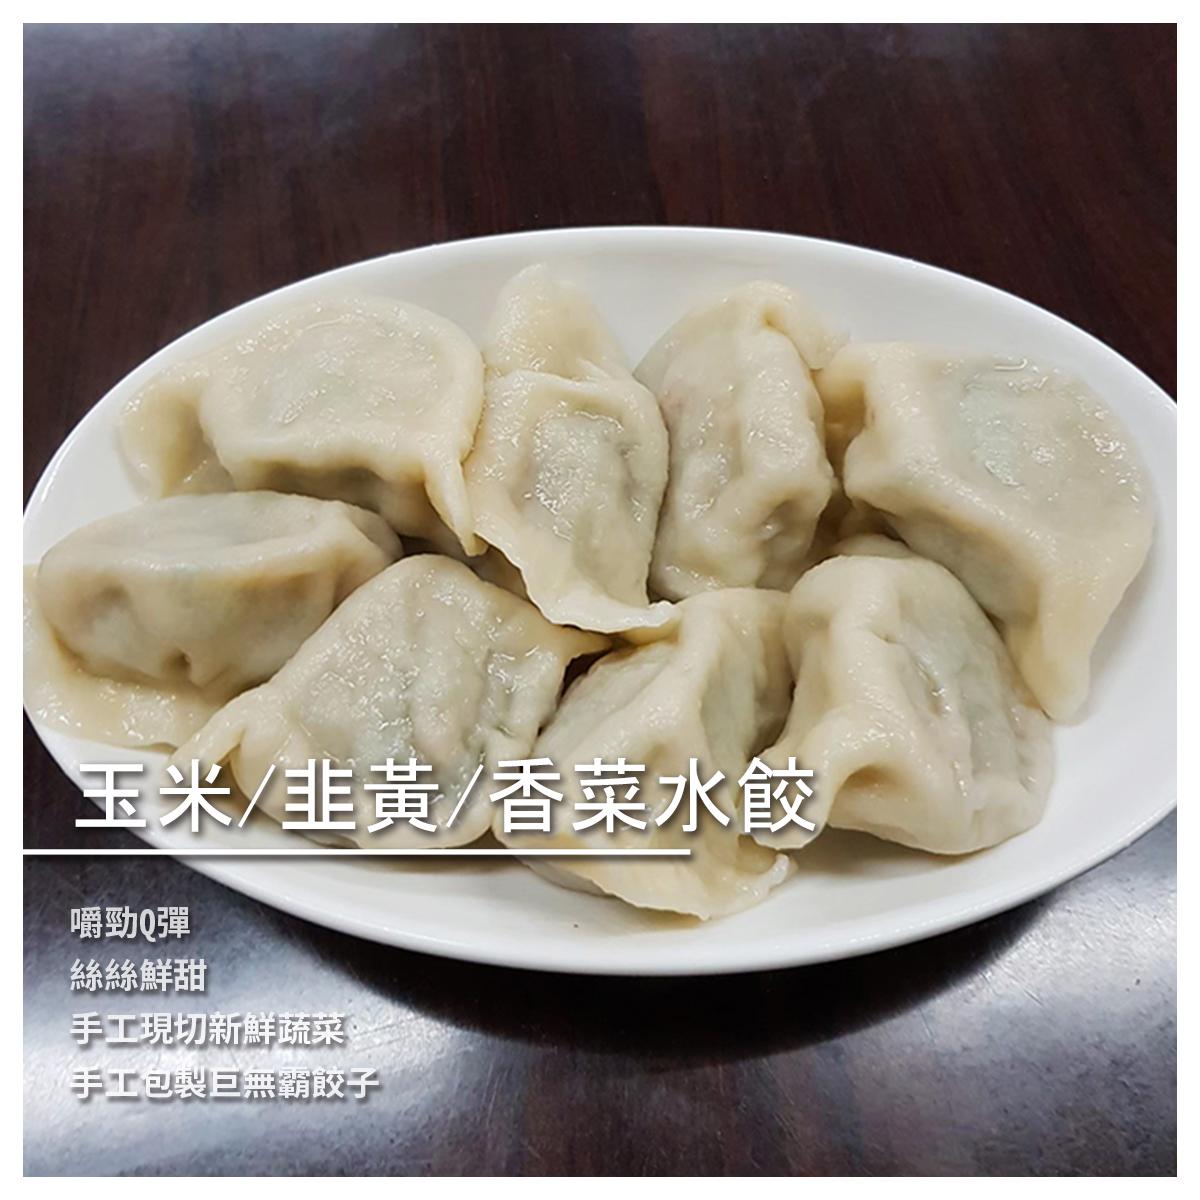 【餃子皇后】玉米/韭黃/香菜水餃 - 手擀皮/包